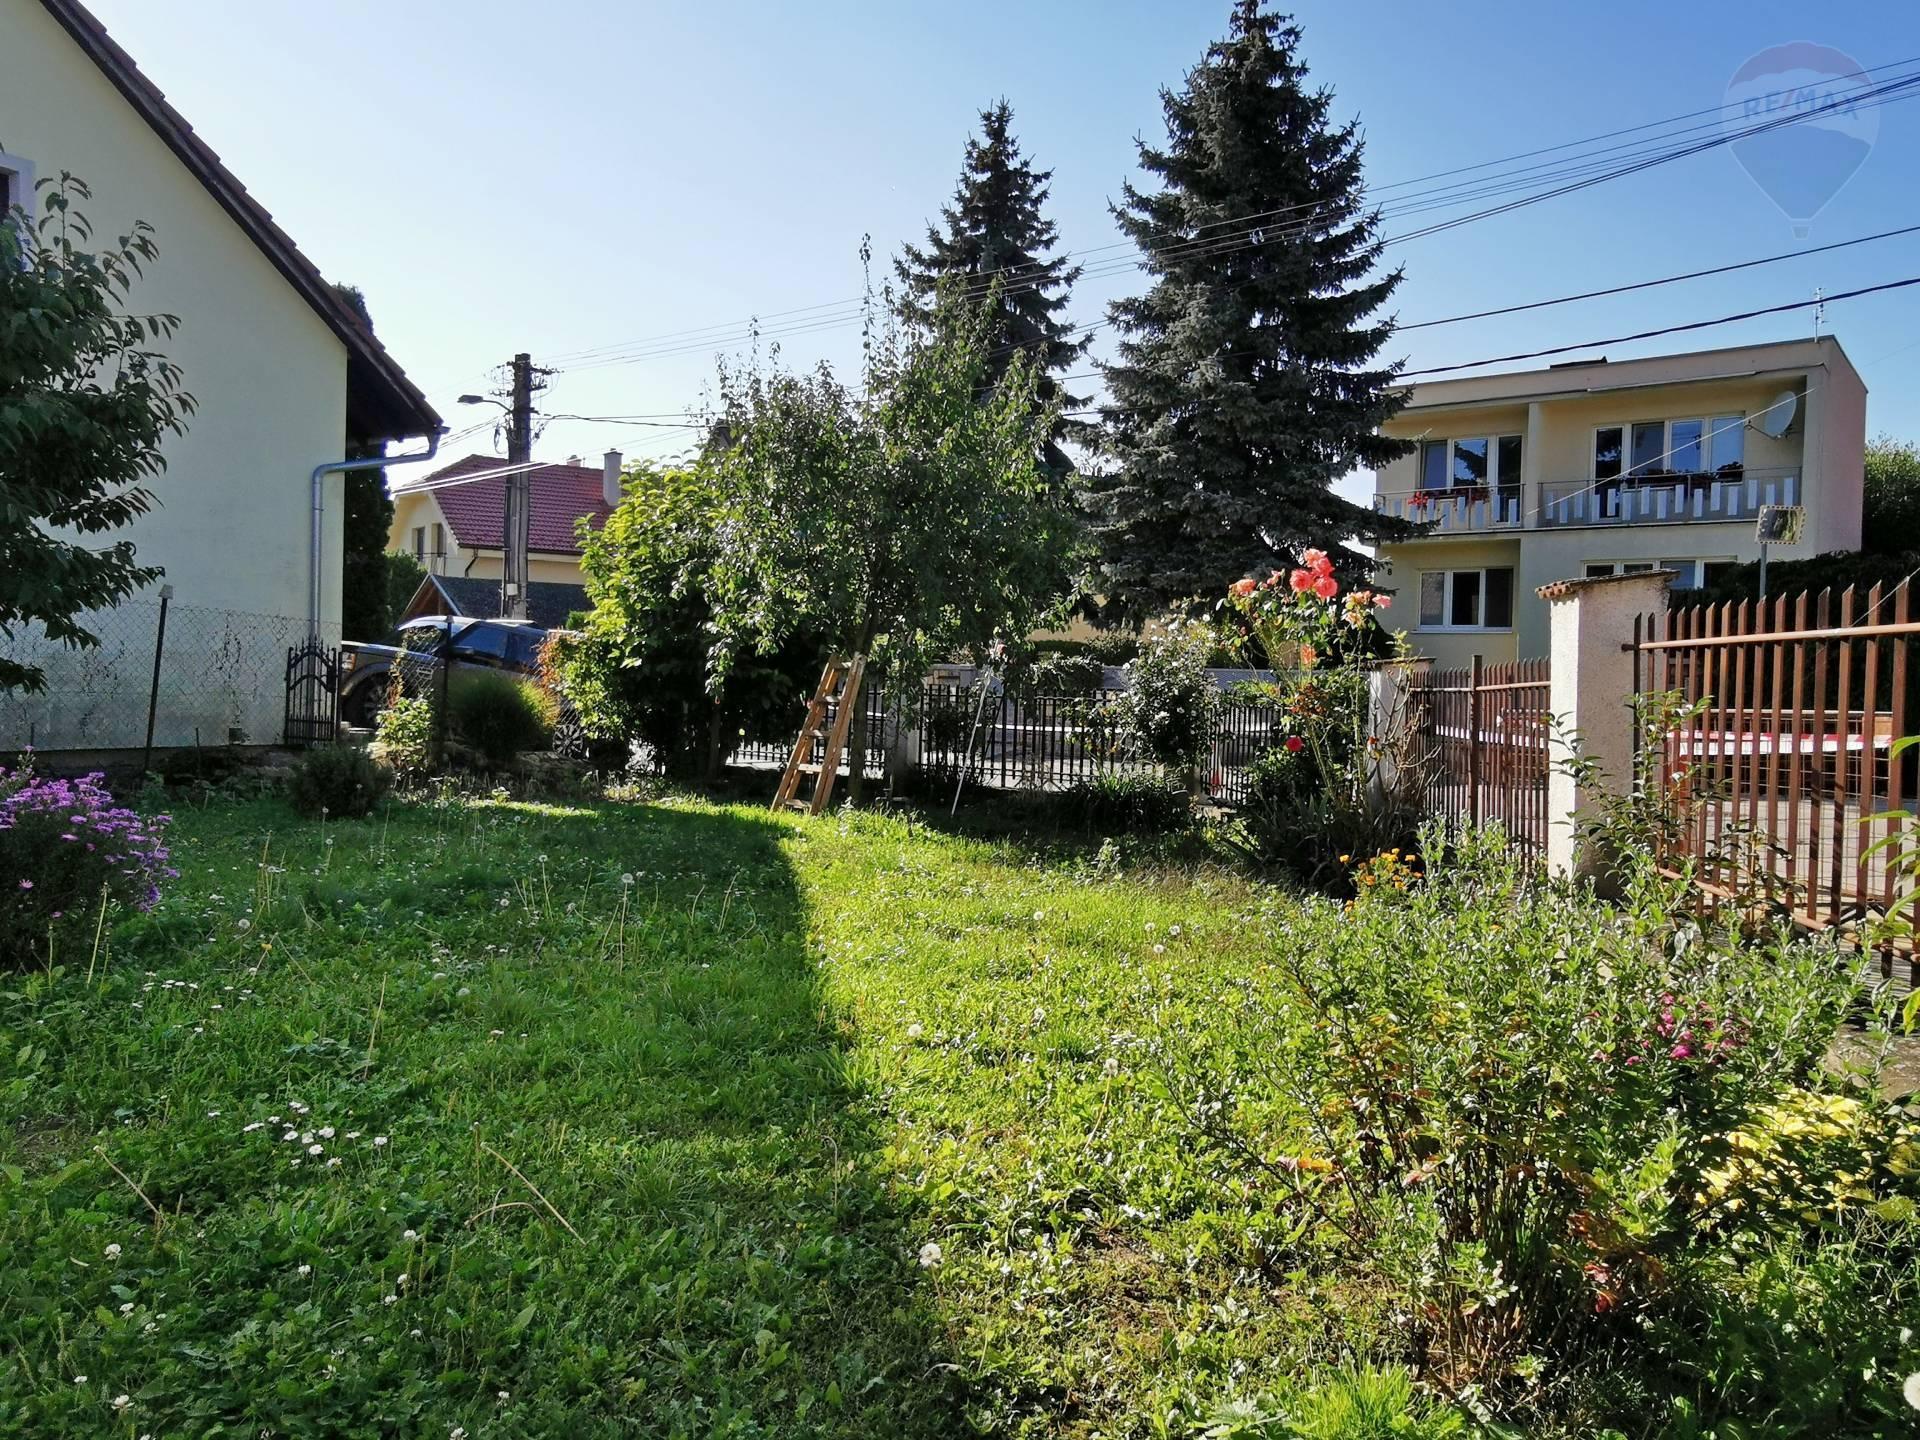 Prenájom domu 140 m2, Bratislava - Záhorská Bystrica - 4